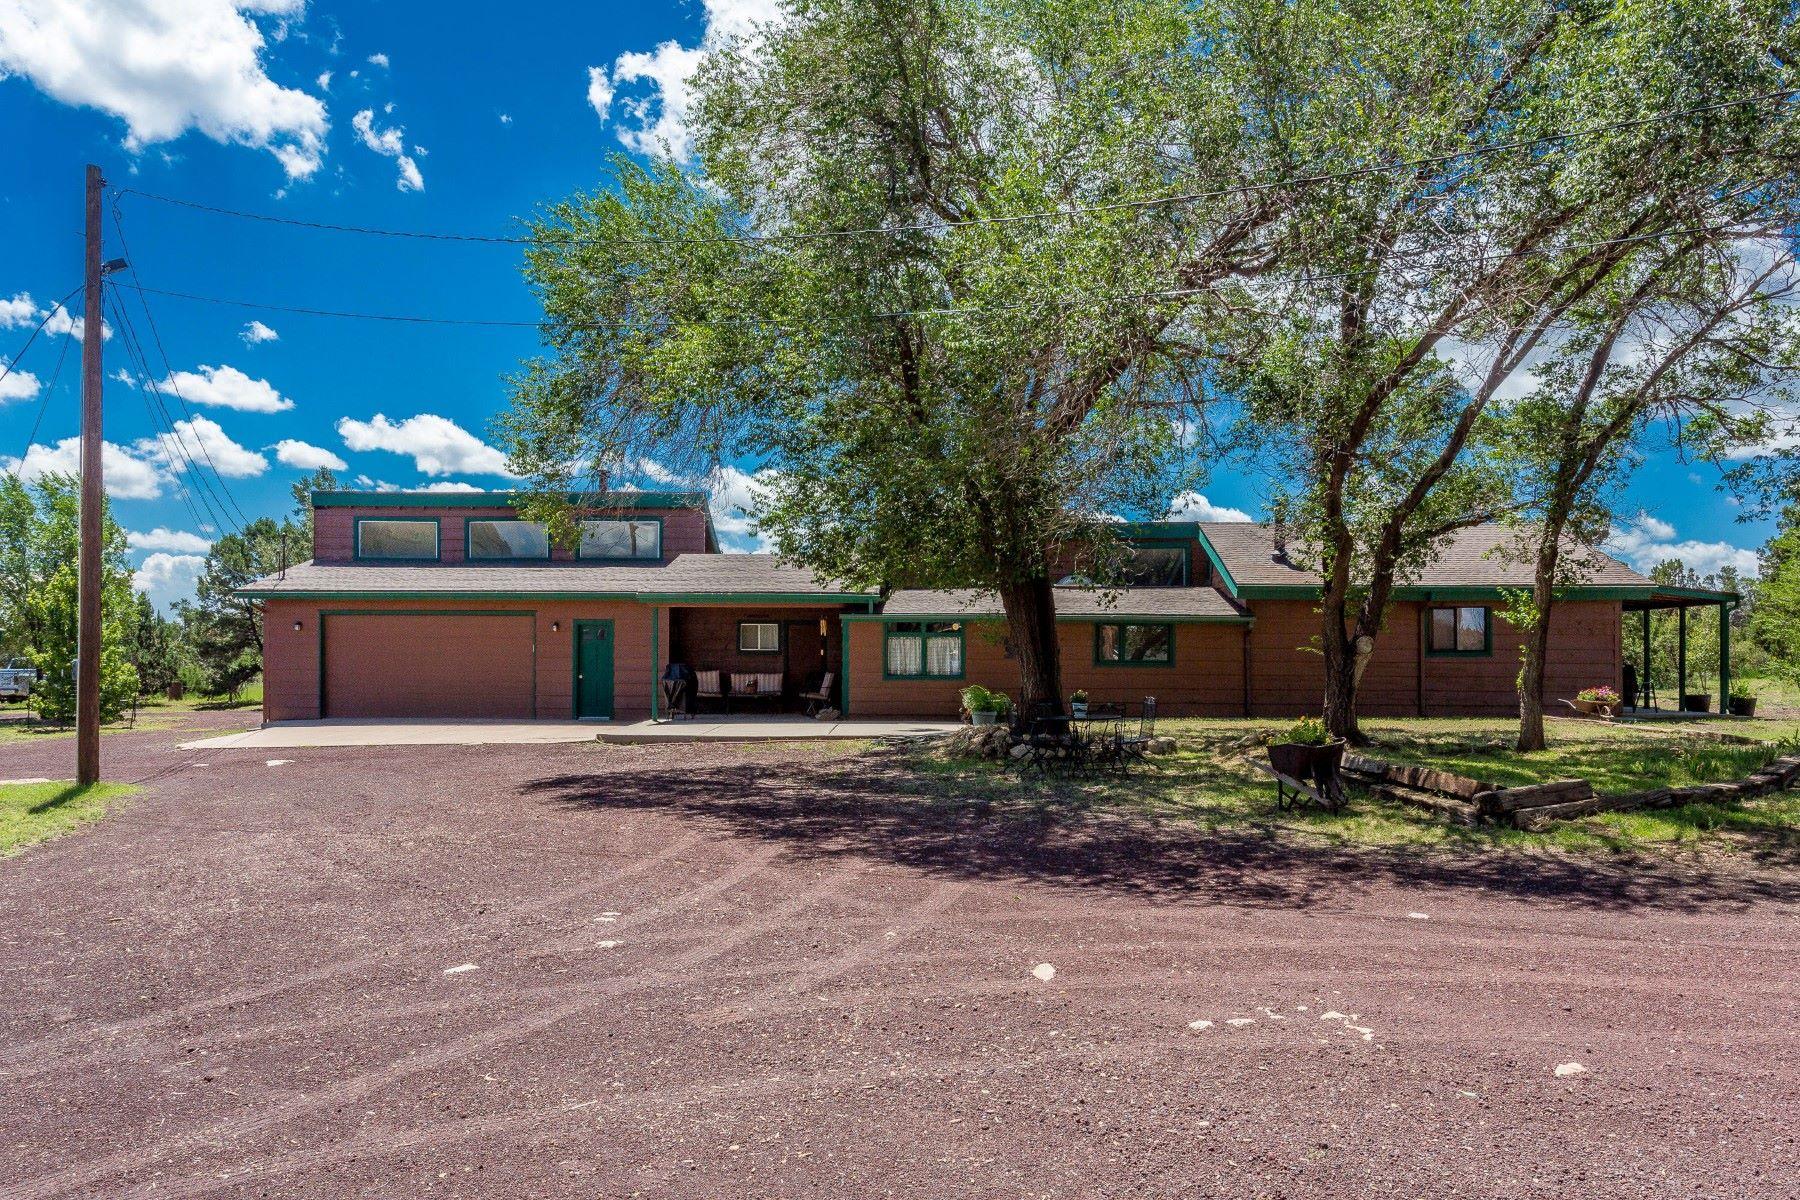 Maison unifamiliale pour l Vente à Prime Location Horse Property 7015 Hutton Ranch Rd, Flagstaff, Arizona, 86004 États-Unis